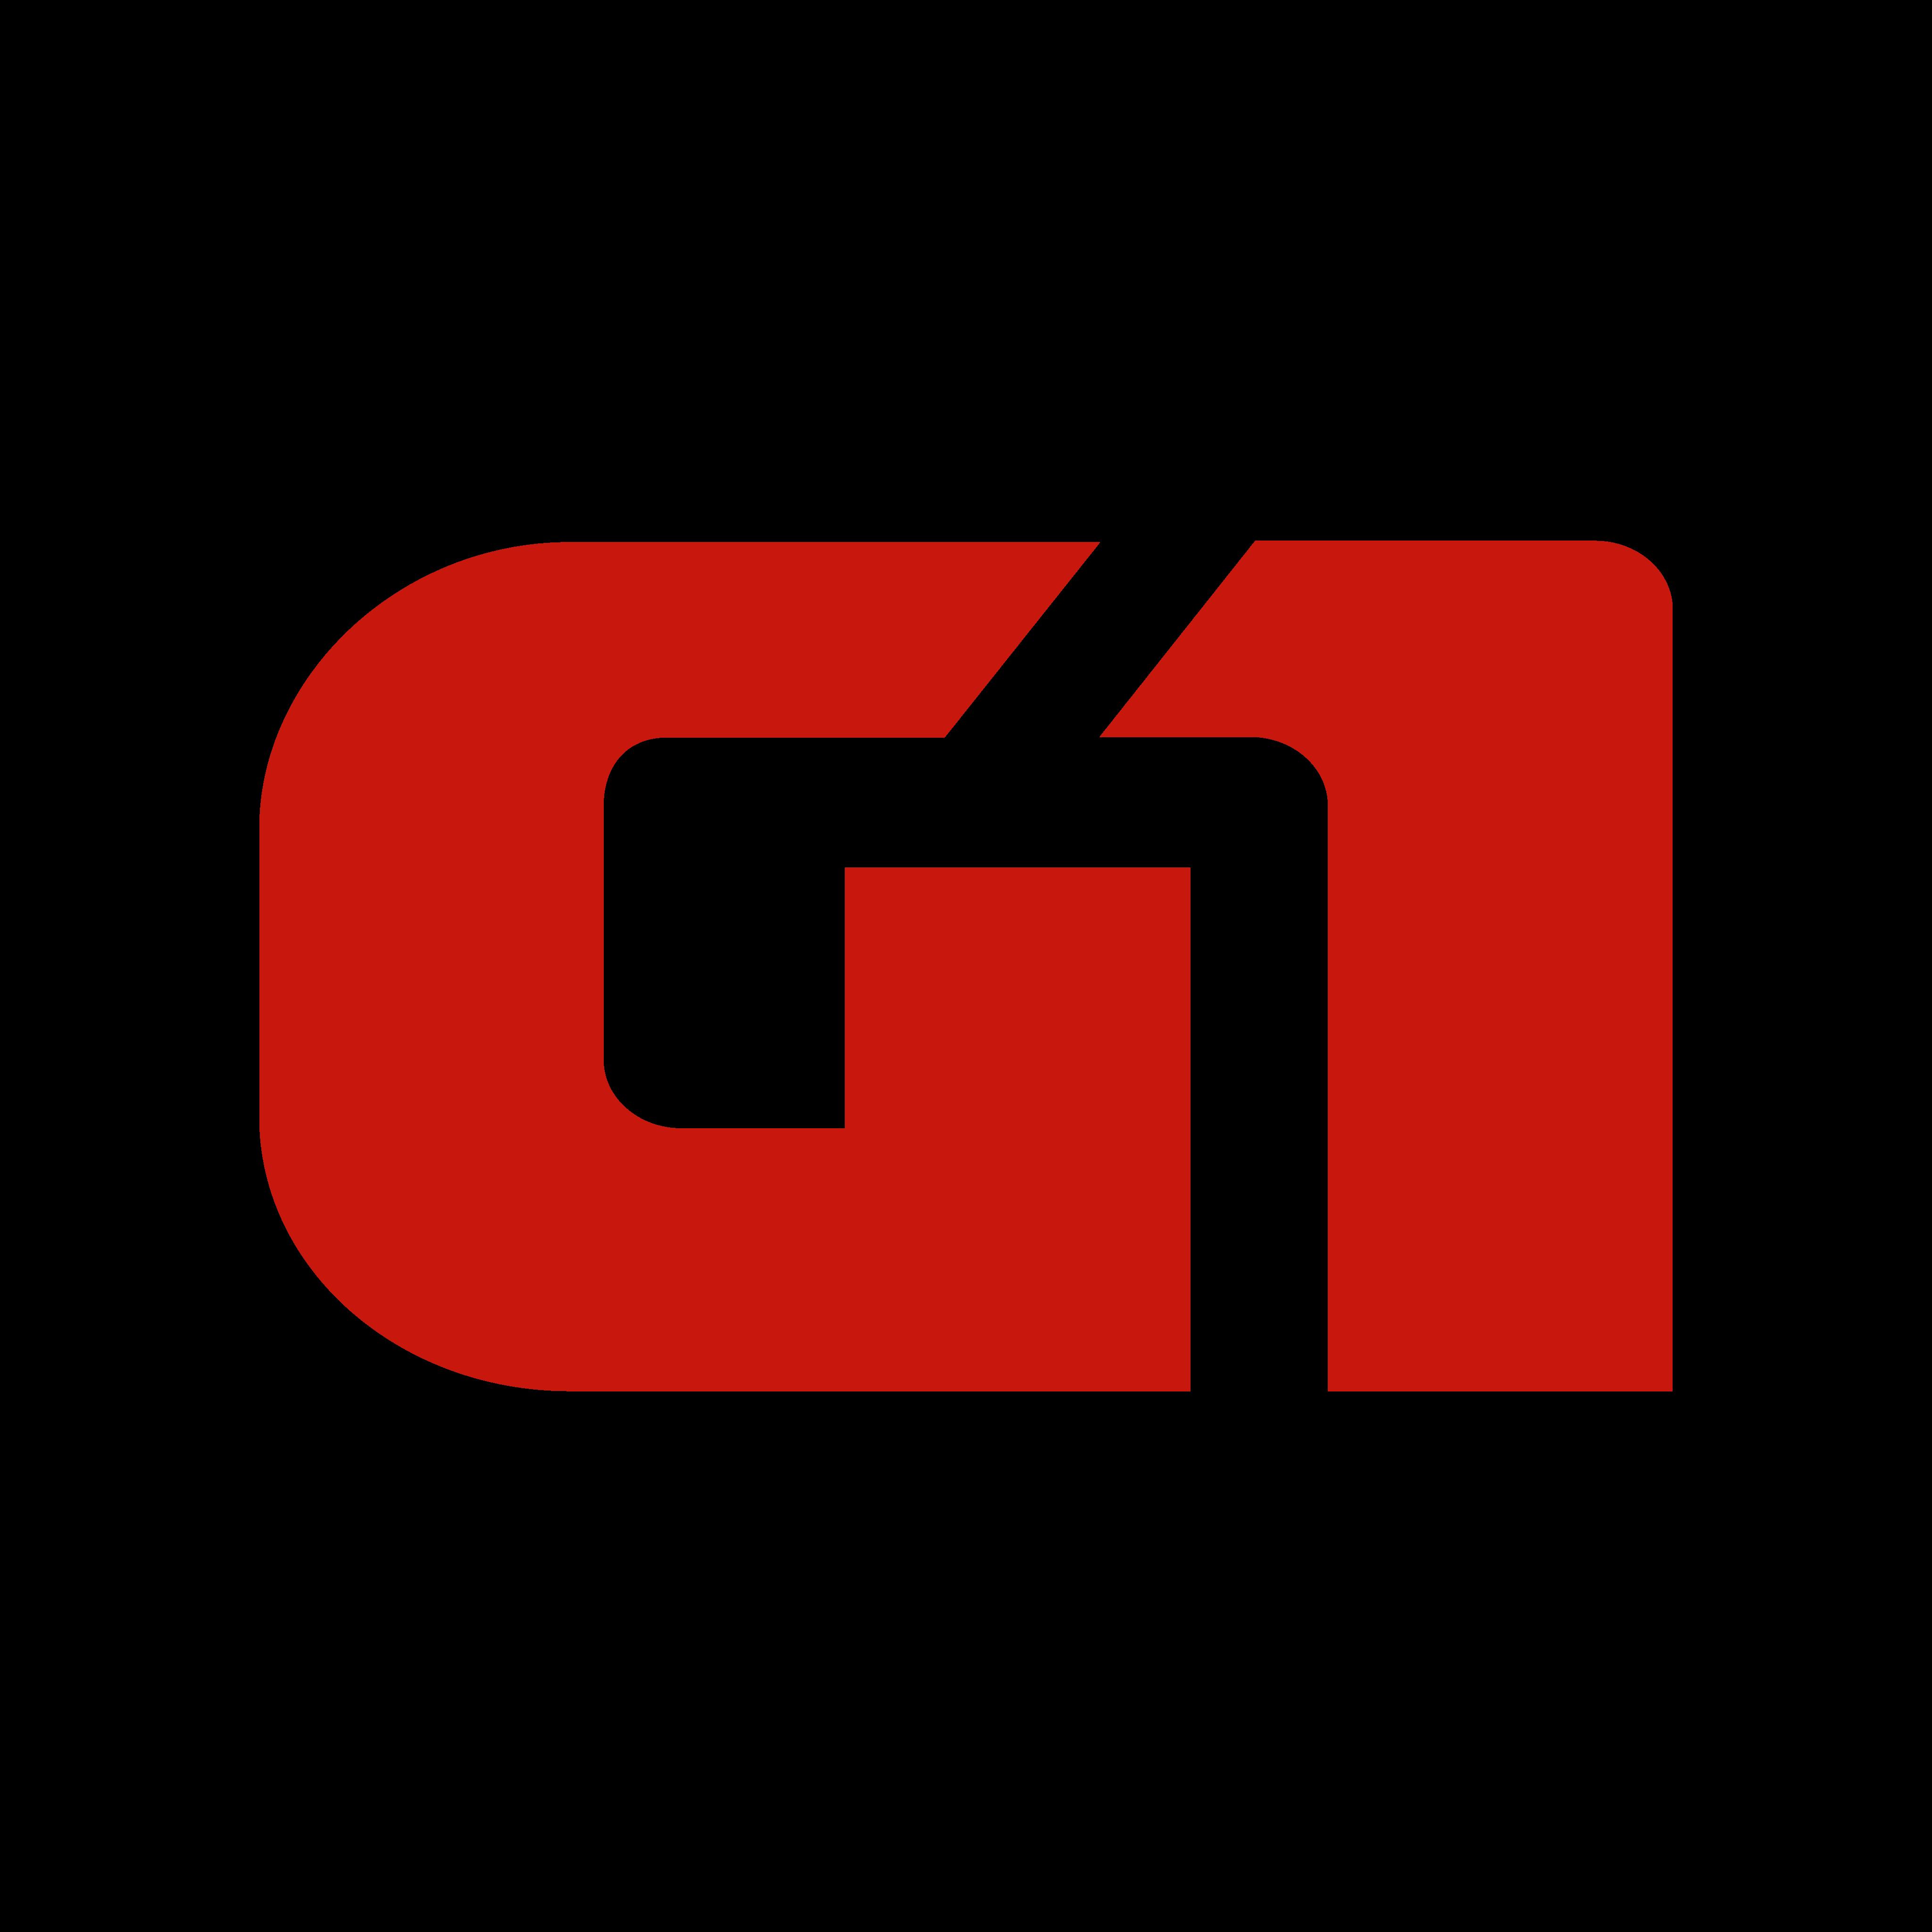 g1 logo 0 - G1 Logo - G1 Globo Logo